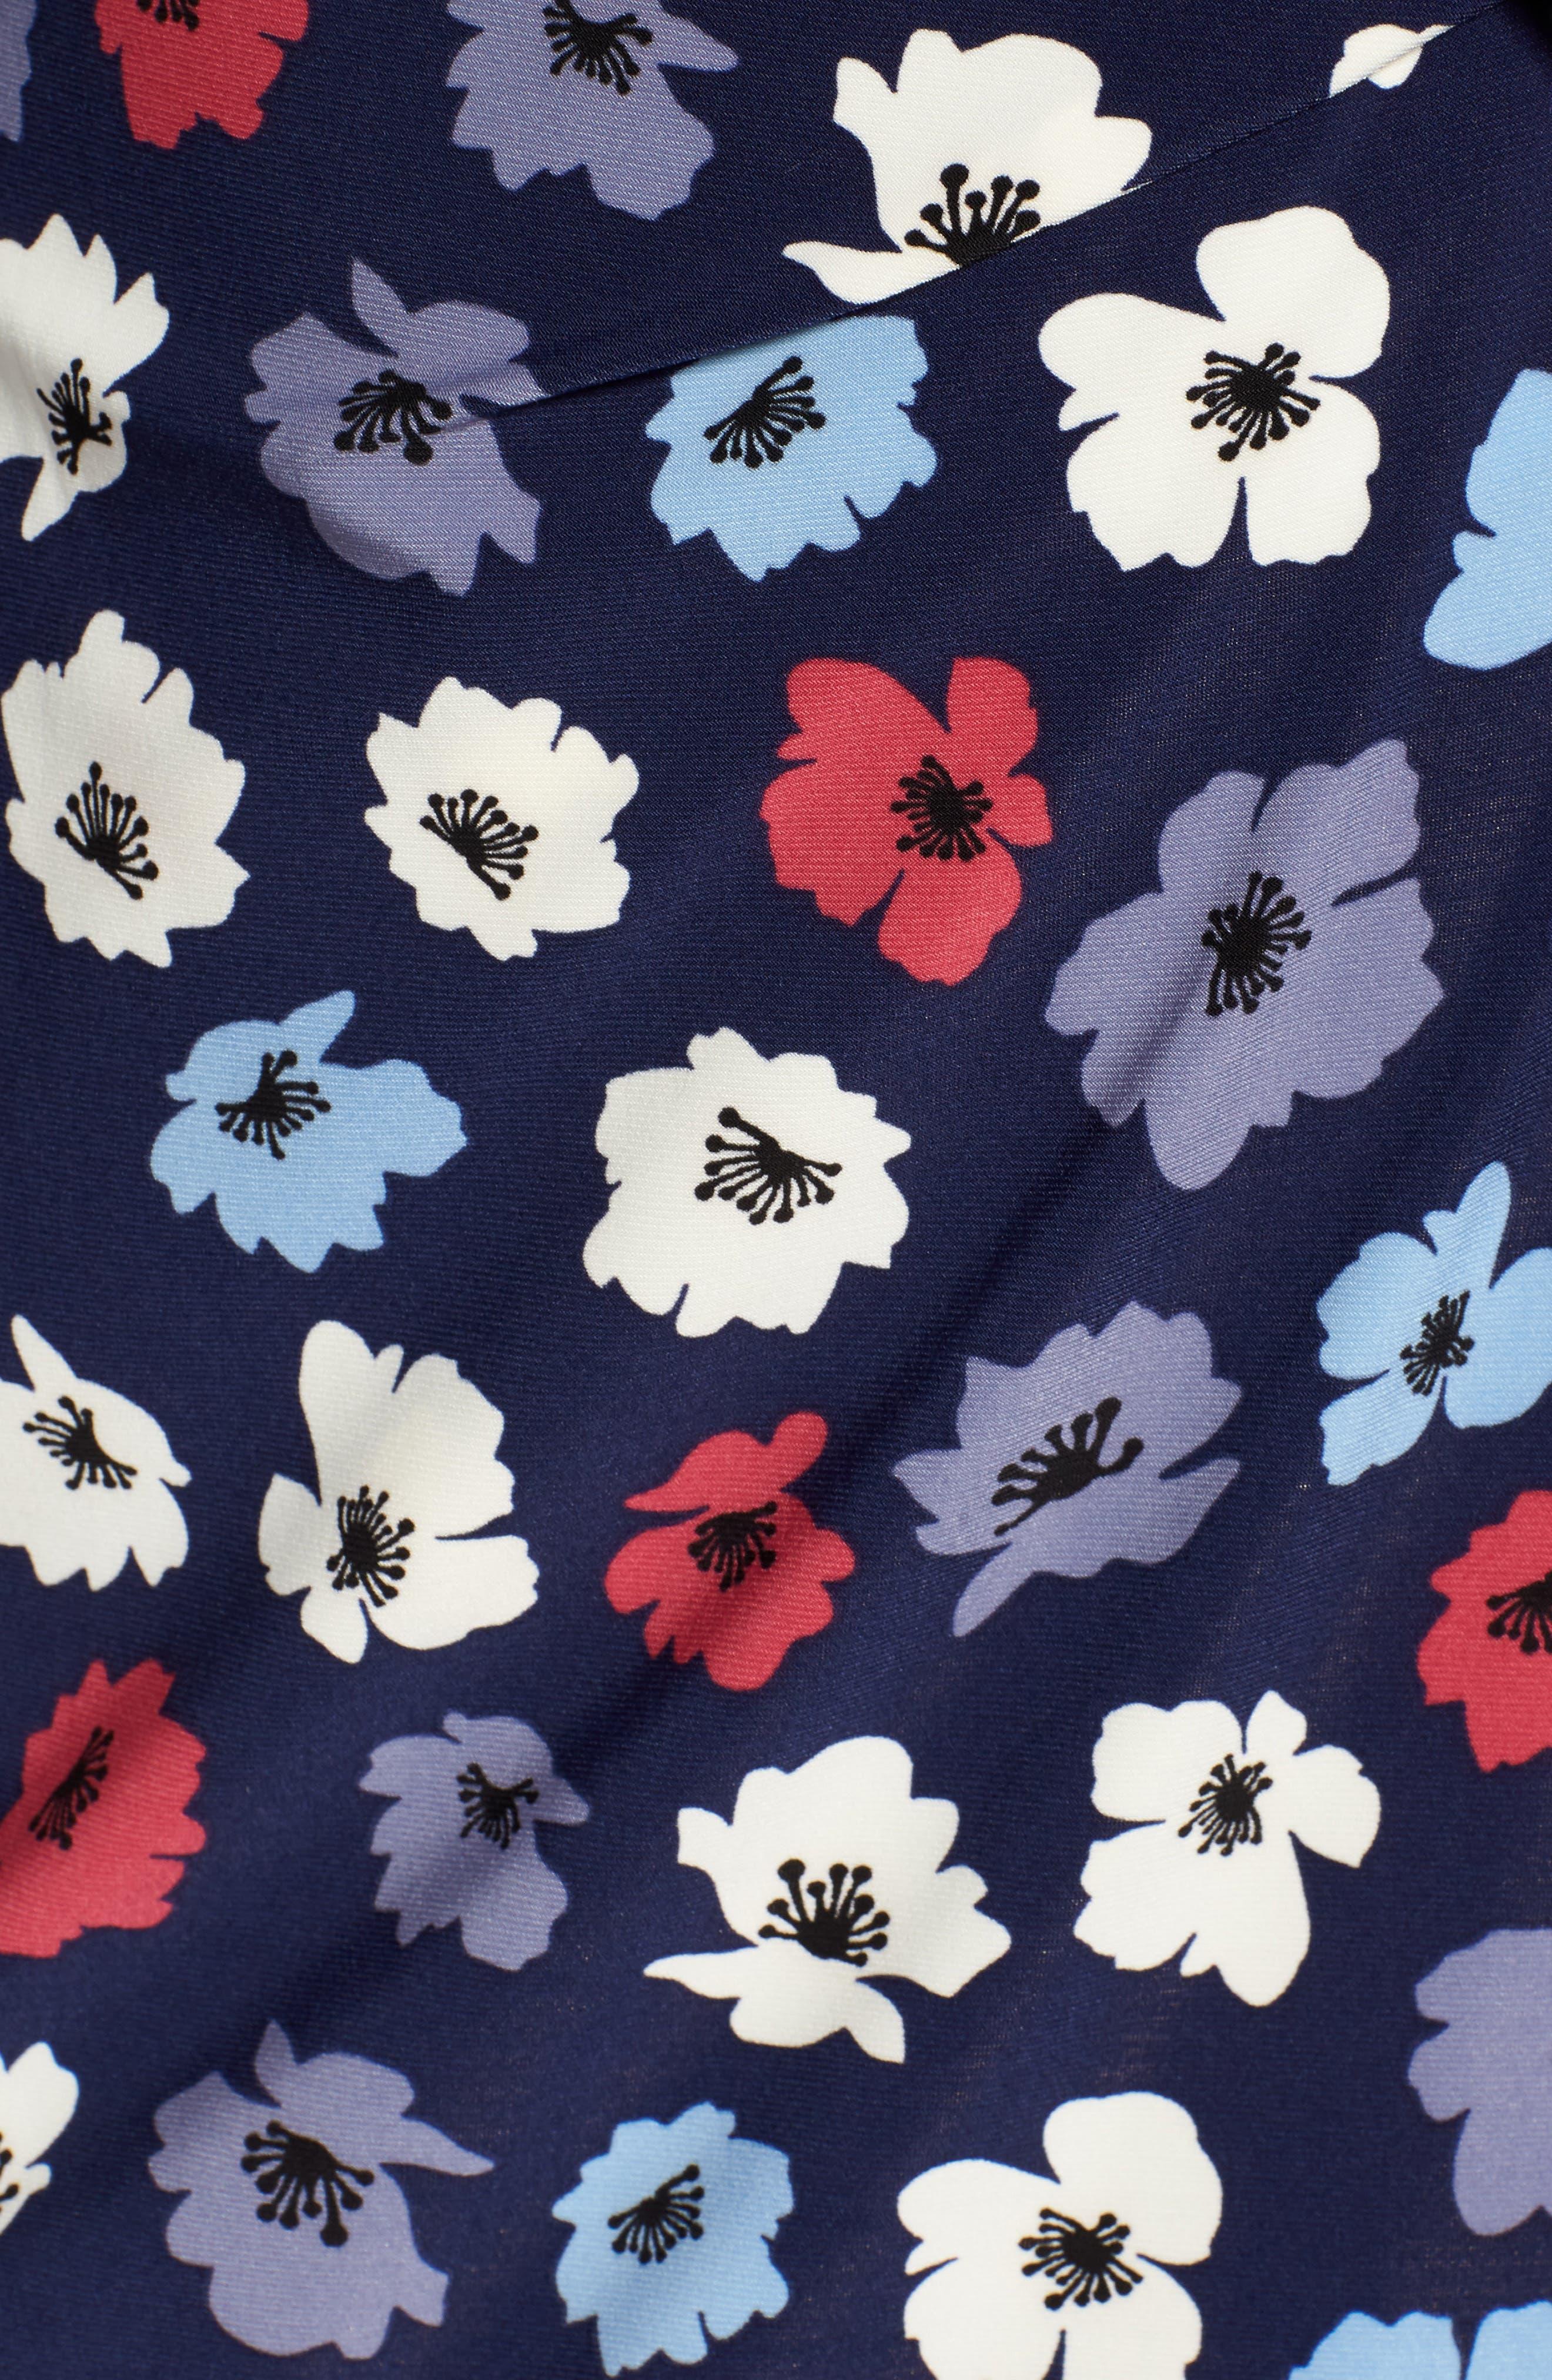 Floral Faux Wrap Dress,                             Alternate thumbnail 6, color,                             Eclipse/ Breton Red Combo